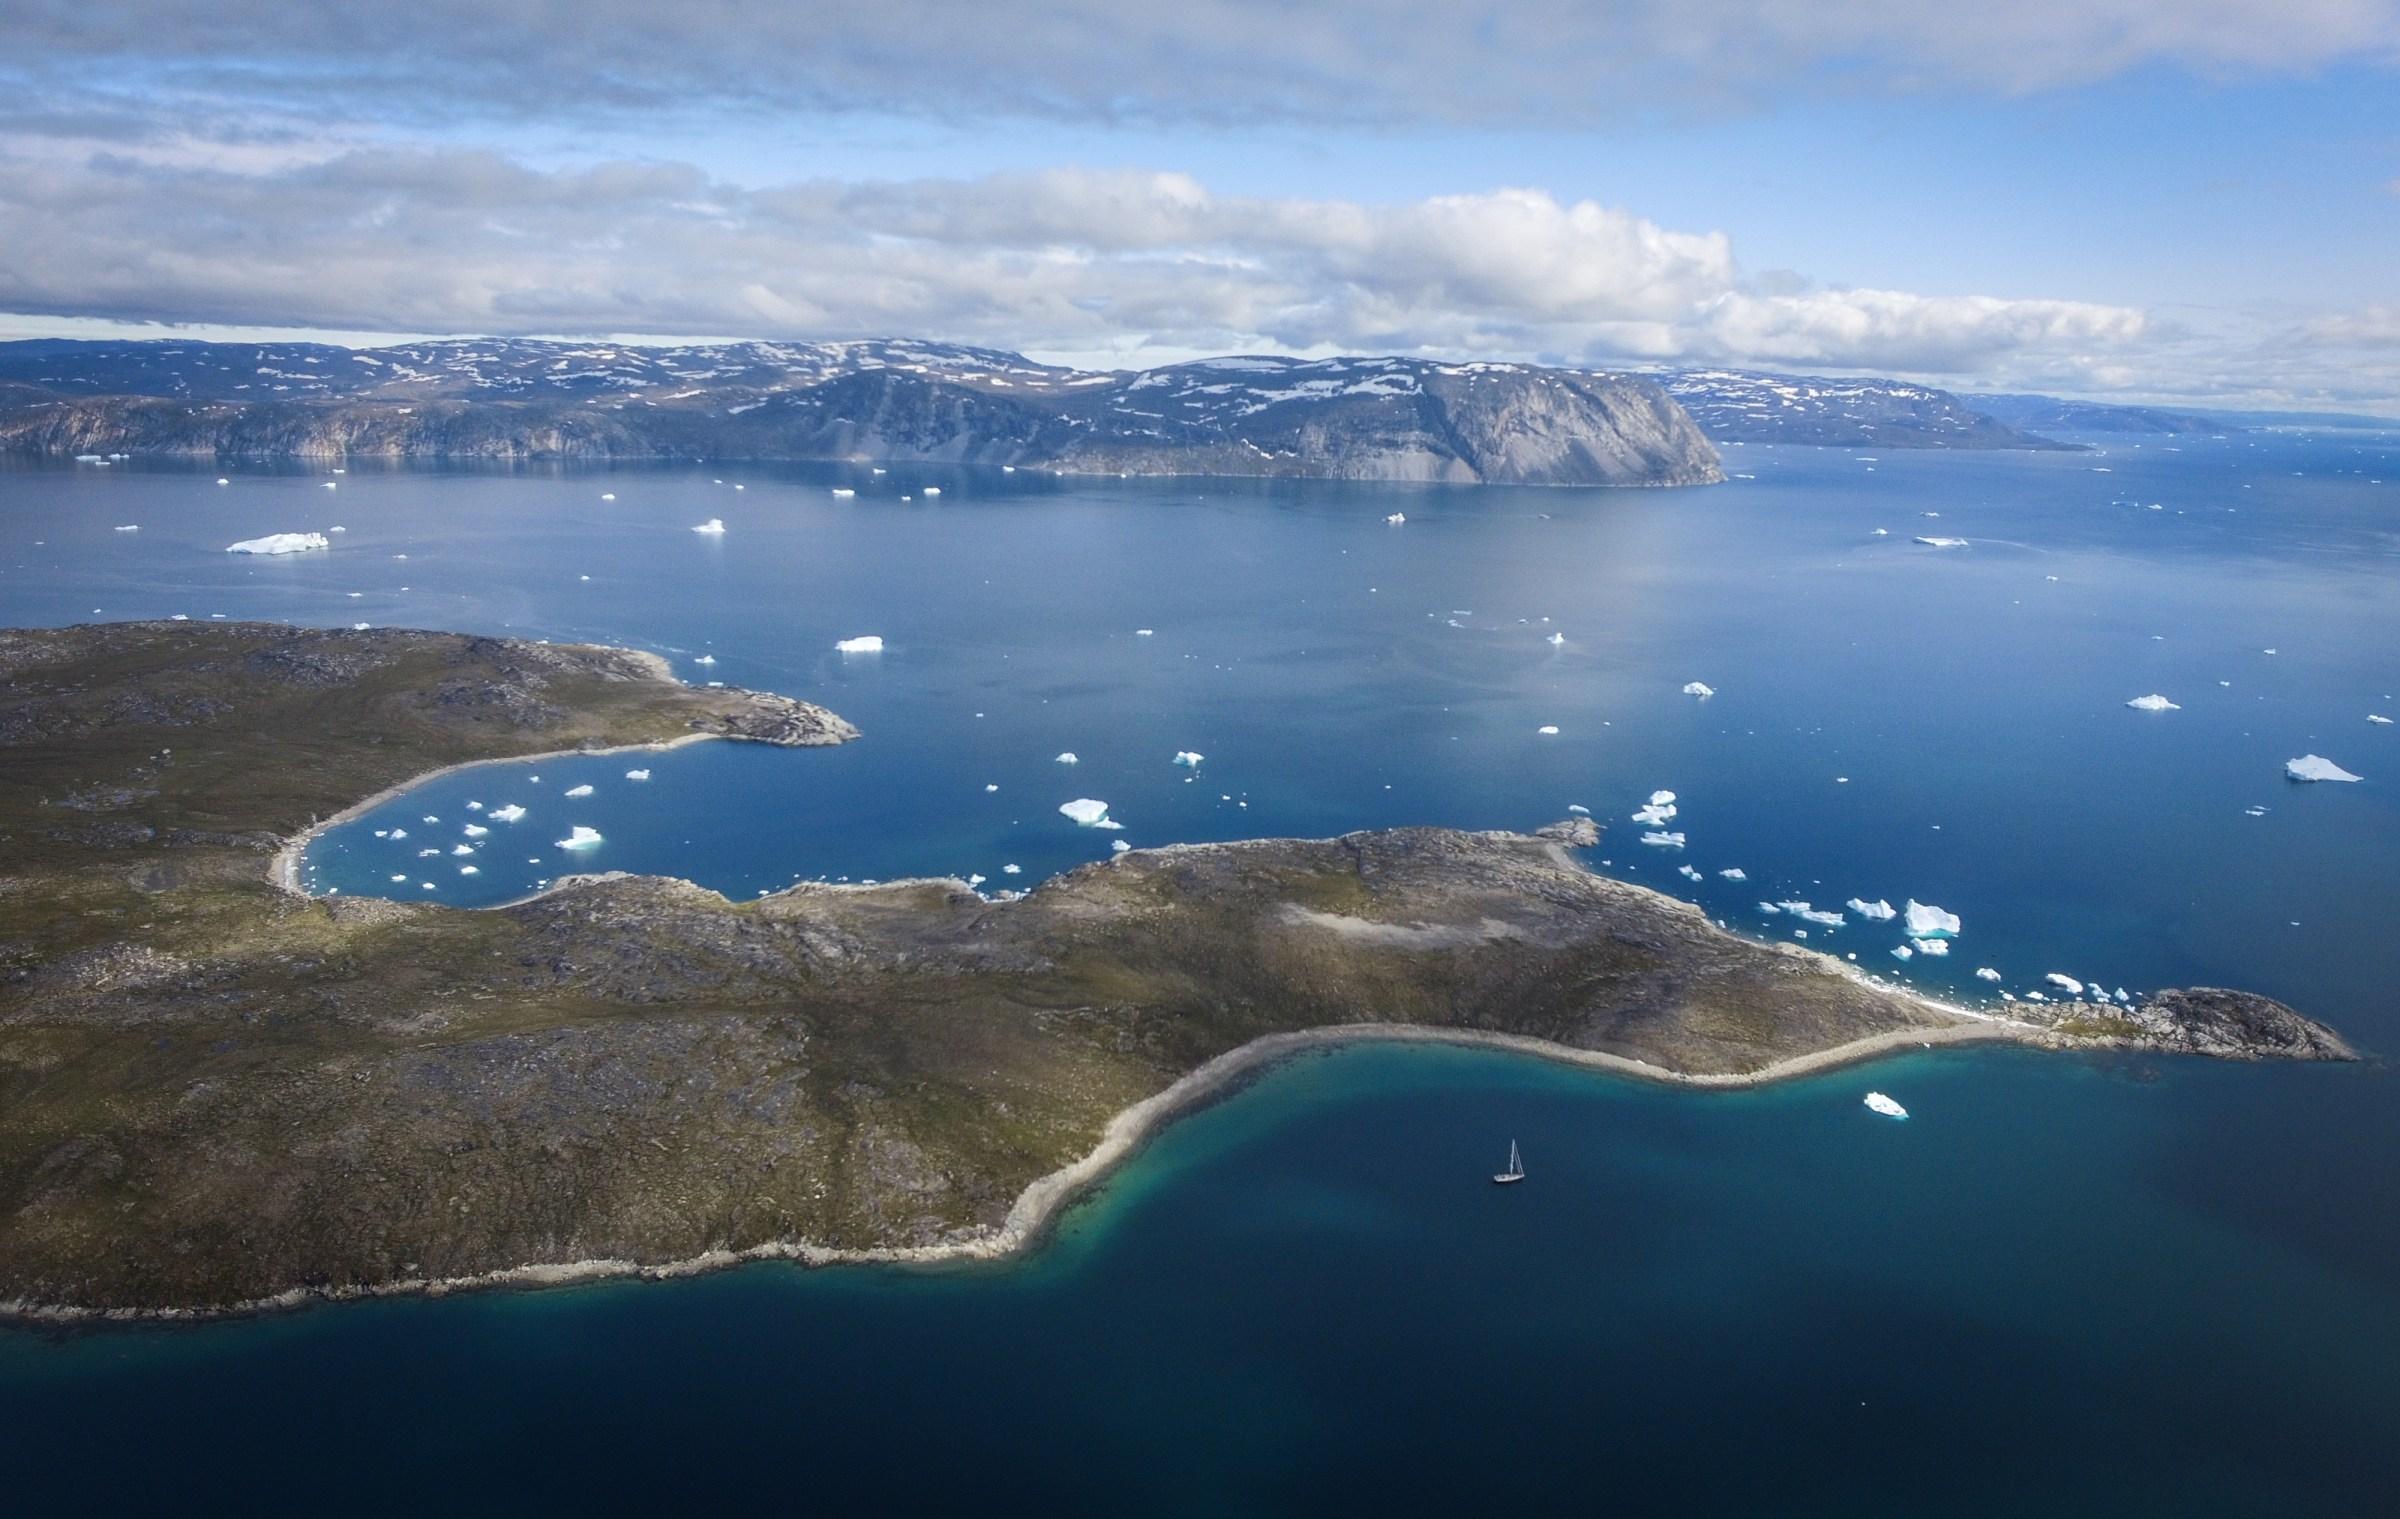 LifeSong en croisière au Baie de Disko, Groenland à côté des icebergs